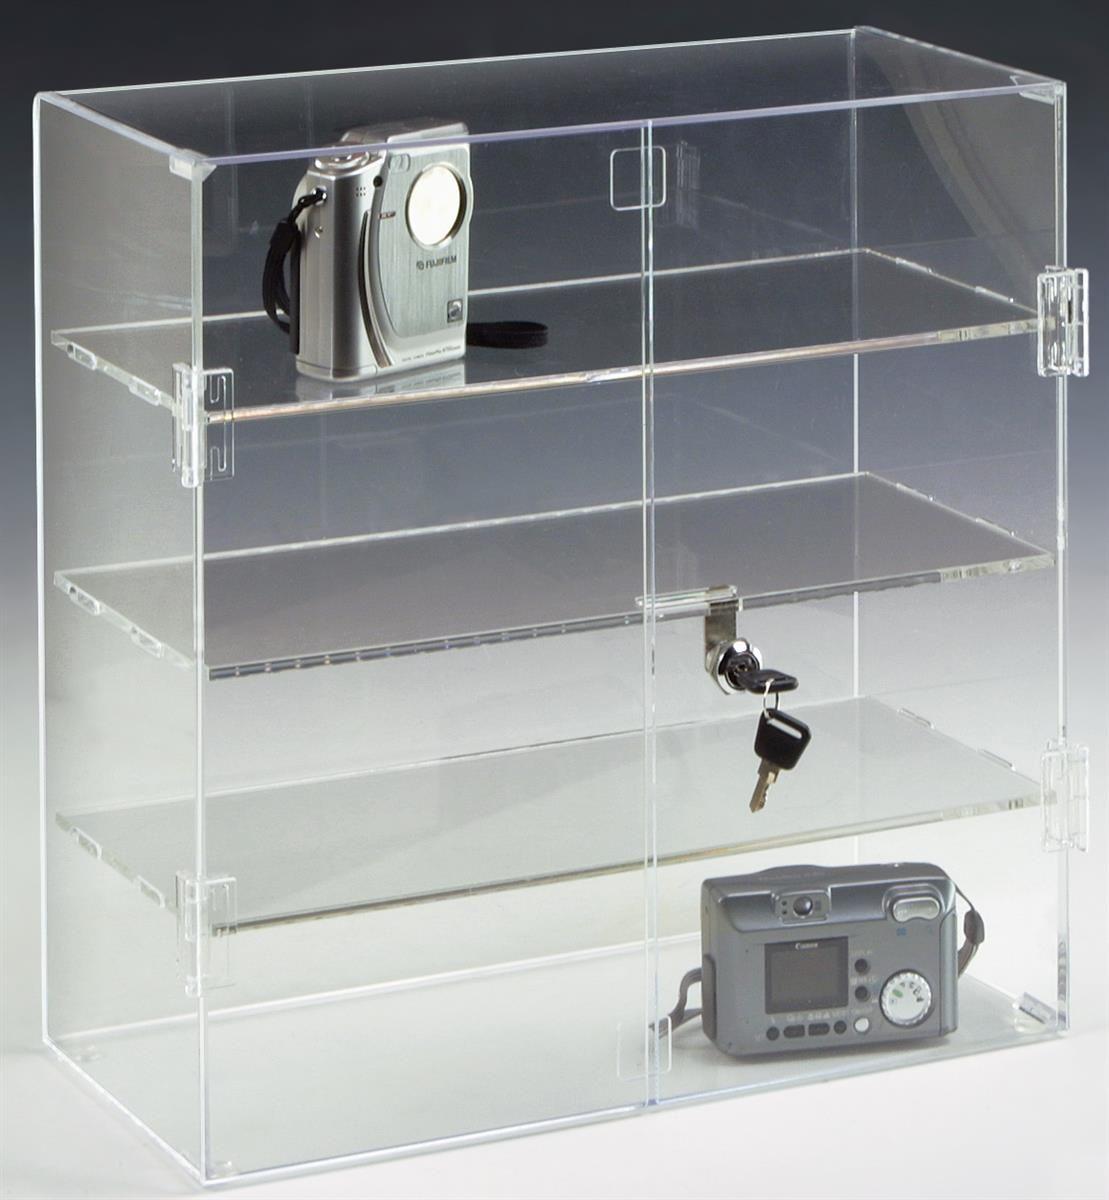 Acrylic Countertop Display Case W 3 Shelves Locking Door